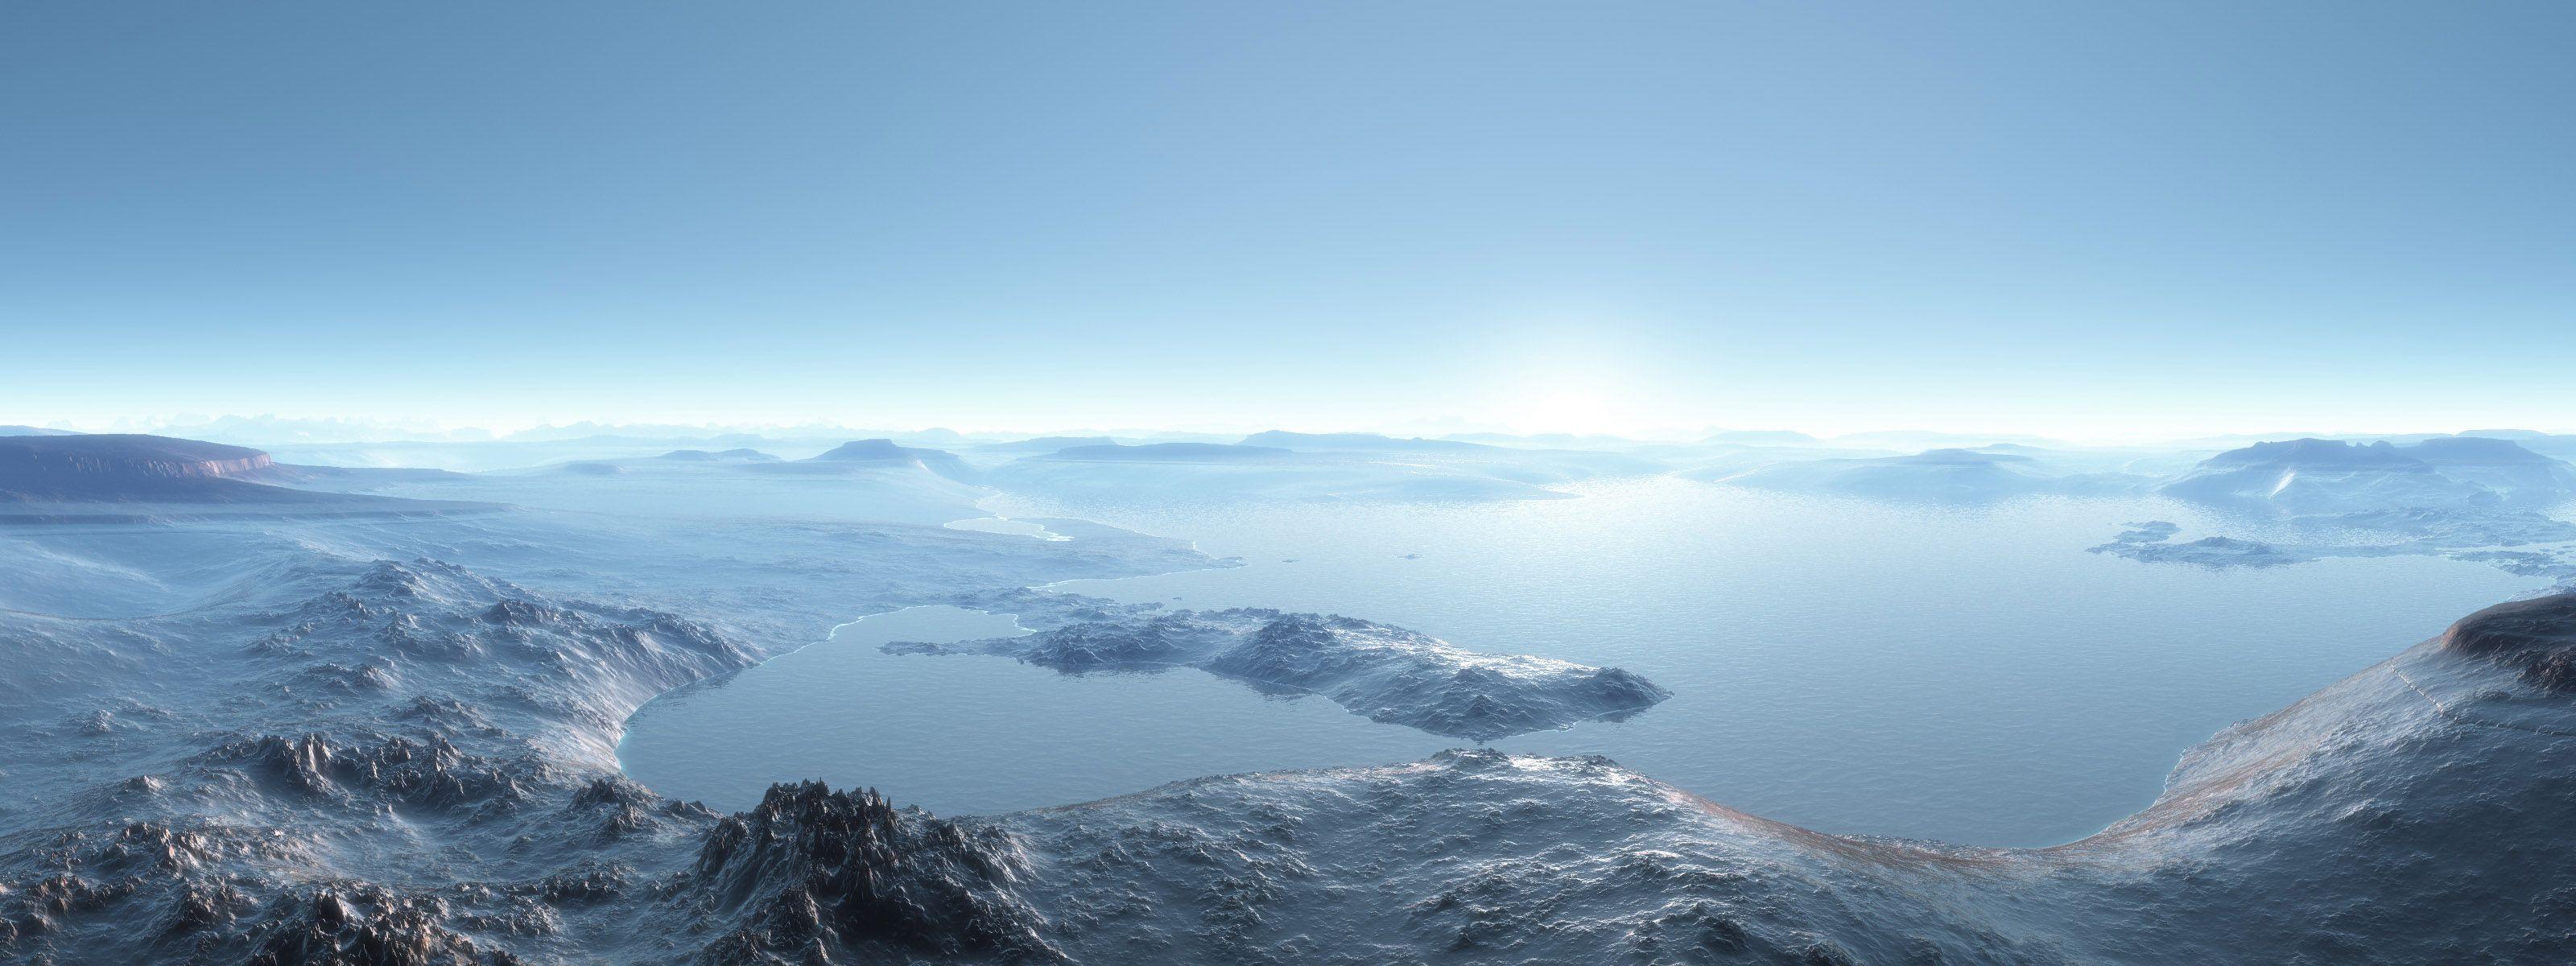 планинска панорама